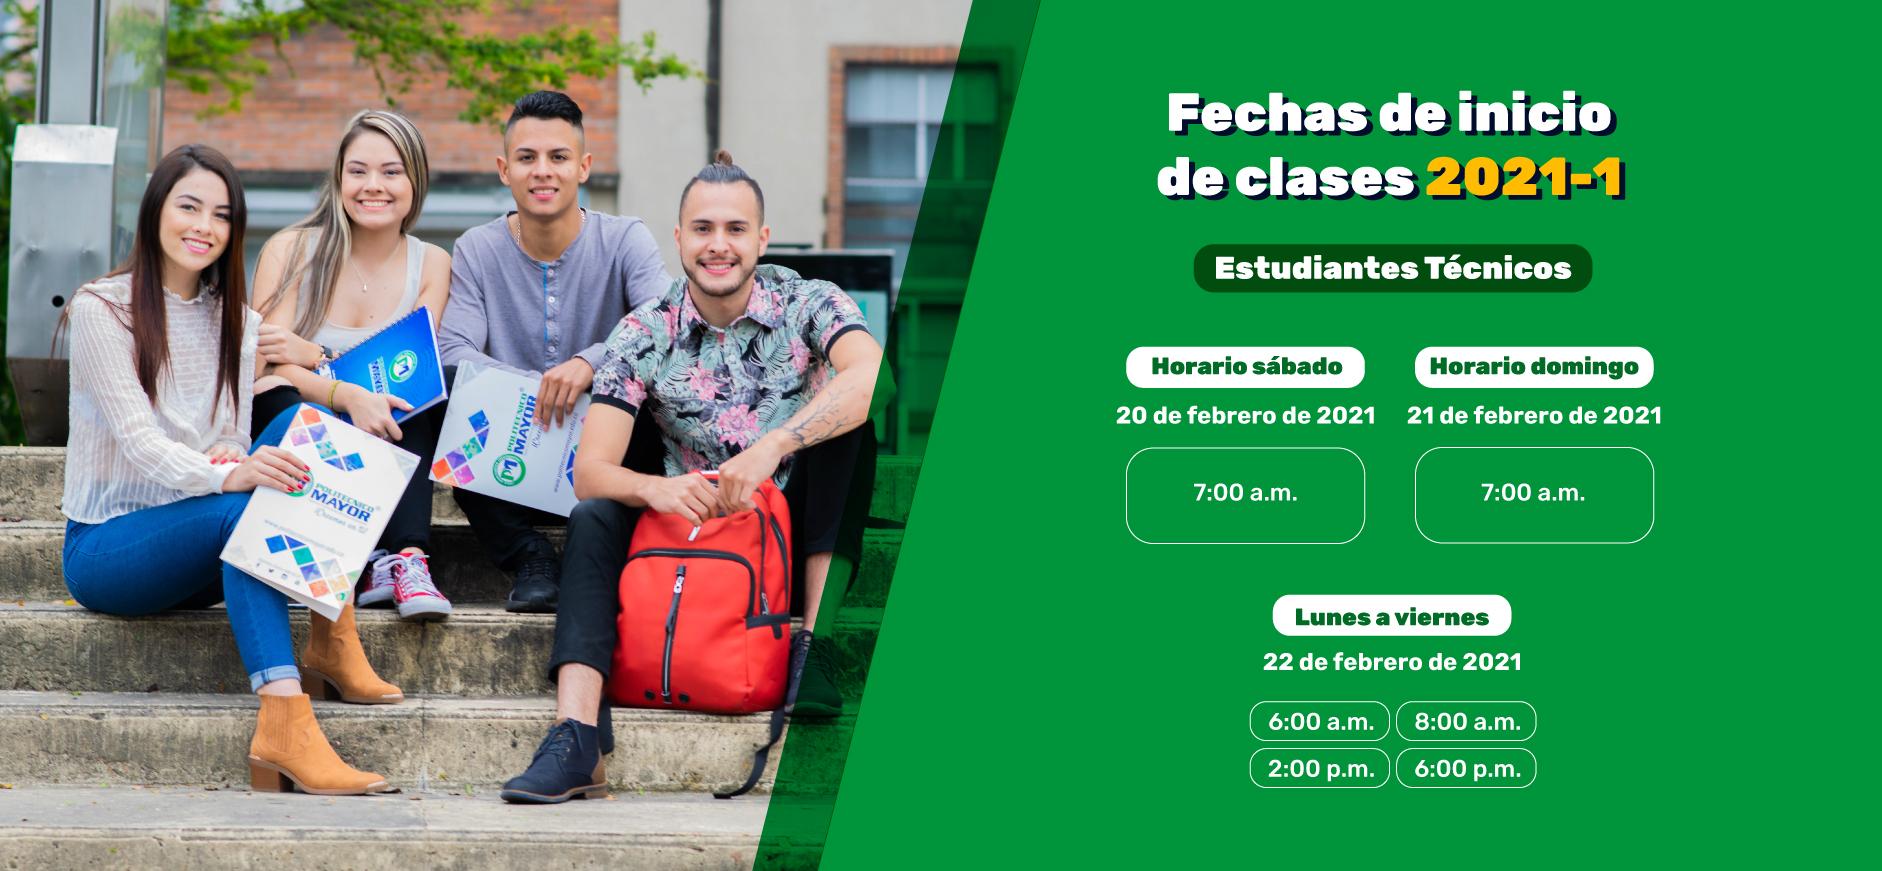 Fechas-de-inicio-de-clases-2021-1-tcnicos-slide